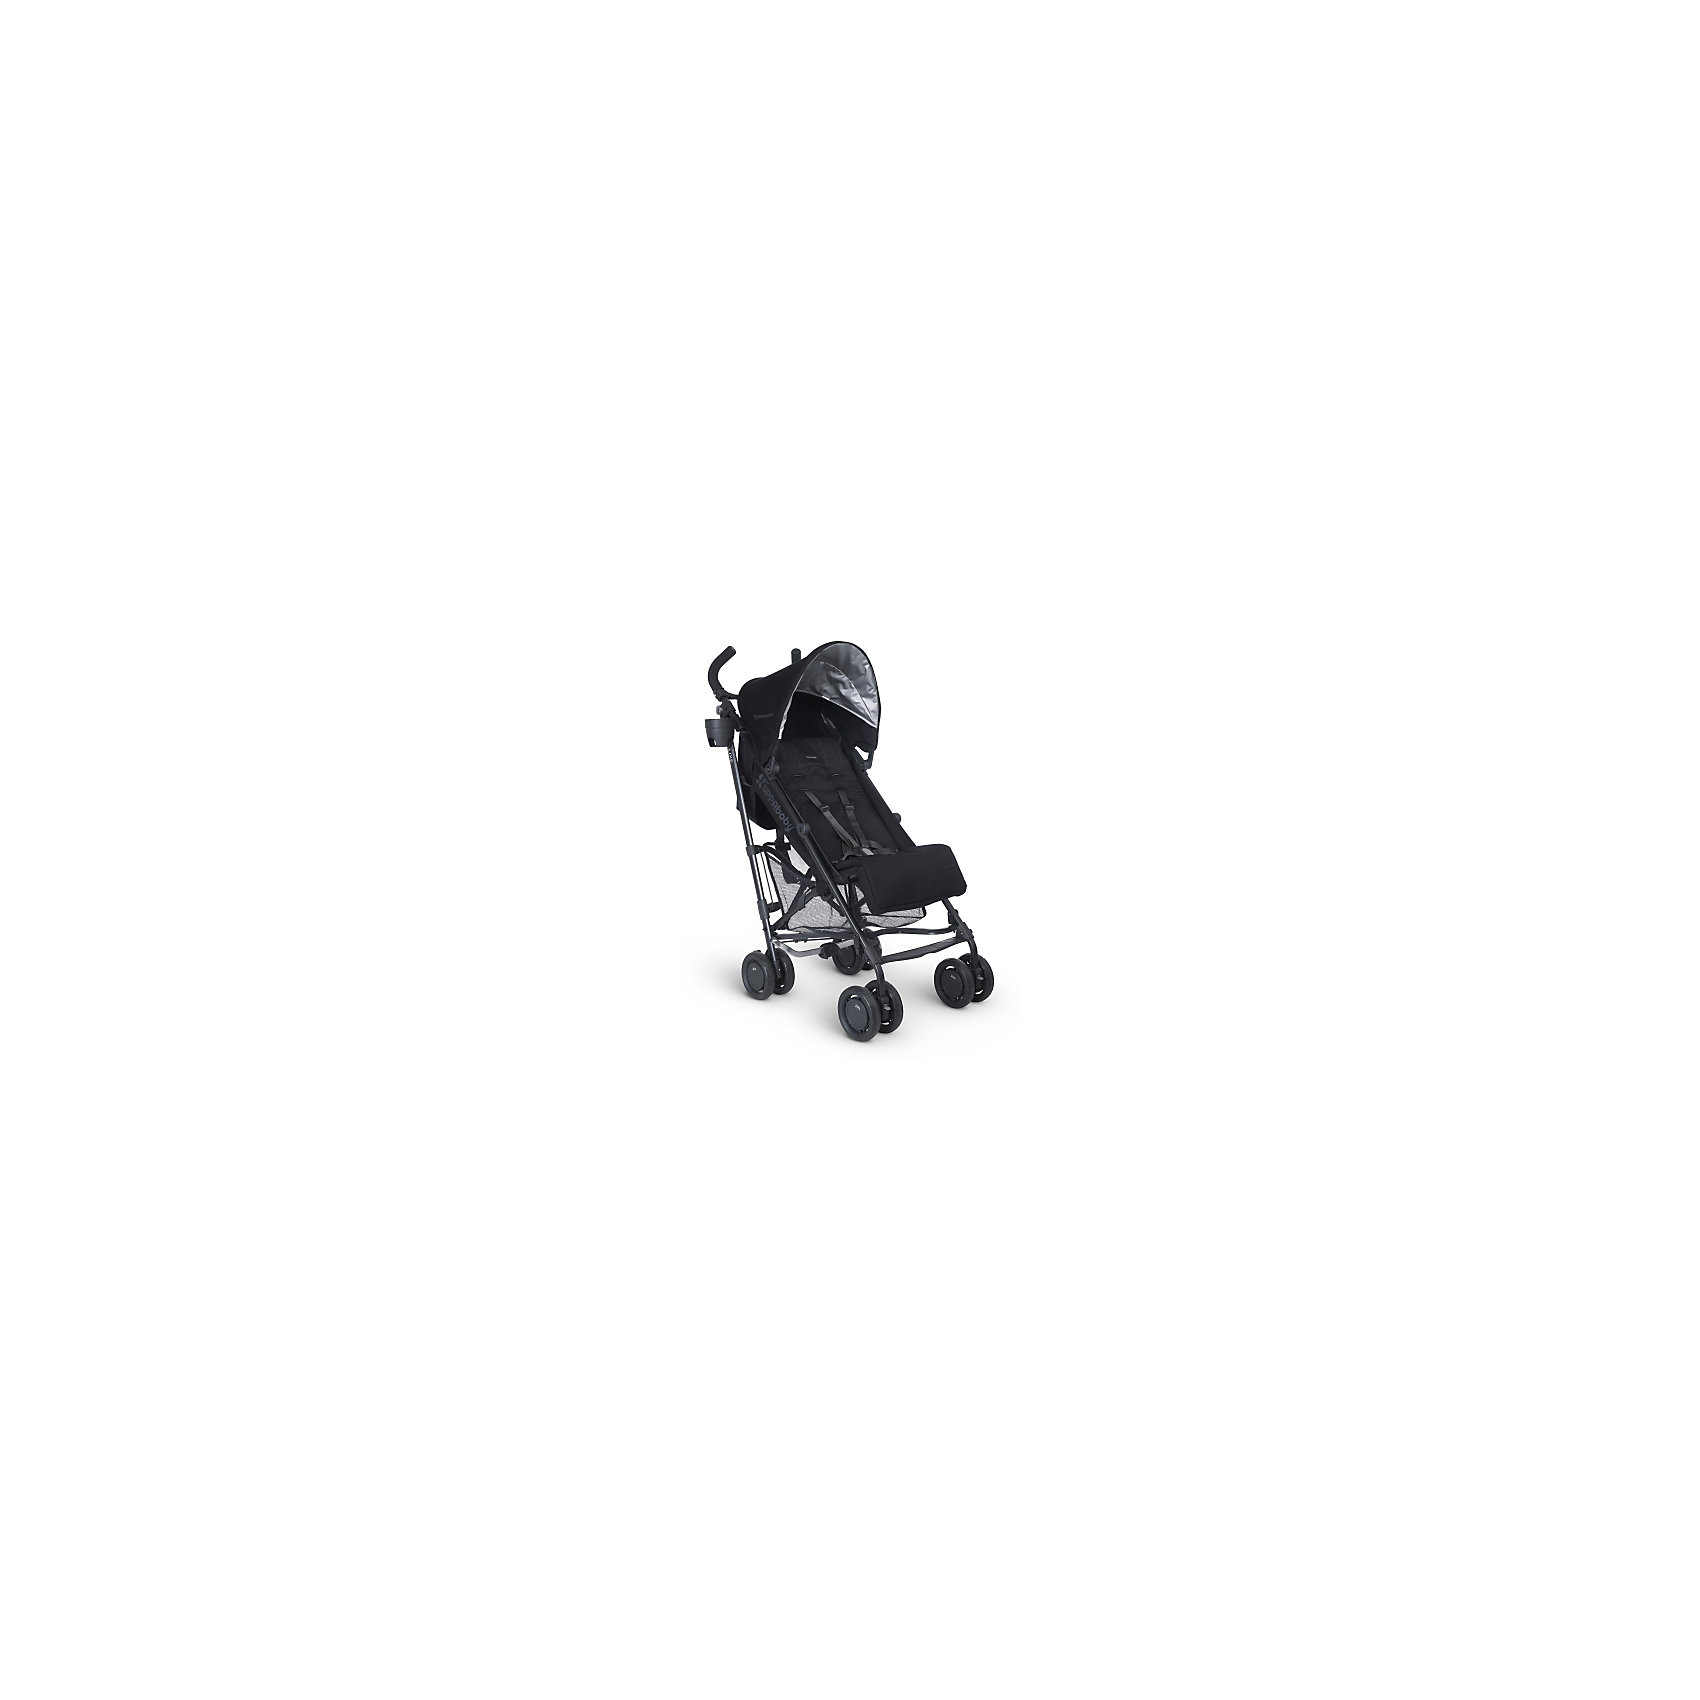 Коляска-трость UPPAbaby G-luxe, черныйКоляски-трости<br>Характеристики товара:<br><br>• возраст от 6 месяцев;<br>• регулируемый наклон спинки в 4 положениях;<br>• большой капюшон для защиты от непогоды;<br>• дополнительный солнцезащитный козырек на капюшоне с УФ-защитой;<br>• регулируемая подножка;<br>• мягкий съемный внутренний матрасик на сидении из влагонепроницаемого материала;<br>• регулируемые 5-ти точечные ремни безопасности;<br>• подстаканник, который можно крепить с любой стороны;<br>• материал: полиэстер с водоотталкивающей пропиткой.<br><br>Коляска-трость UppaBaby G-Luxe черная — легкая и маневренная коляска, которая отлично подойдет для прогулок по городу, парку, походов в торговый центр, поездок на природу и путешествий. Большой капюшон надежно защитит от дождя, а дополнительный козырек с УФ-защитой спасет от палящего солнца. Спинка и подножка регулируются, что позволяет подобрать для малыша оптимальное положение во время прогулки. Ручки родителей обтянуты противоскользящим материалом. В комплекте удобный ремень для переноски коляски в сложенном виде.<br><br>Шасси коляски:<br><br>• облегченная алюминиевая рама;<br>• тип складывания: трость;<br>• все колеса сдвоенные, передние поворотные с блокировкой;<br>• диаметр колес 15 см;<br>• тип колес: пластиковые;<br>• ширина колесной базы 48 см;<br>• стояночный тормоз-педаль;<br>• пружинные амортизаторы на всех колесах;<br>• вместительная сетчатая корзина для покупок;<br>• максимальная нагрузка на корзину 4,5 кг.<br><br>Размер коляски в разложенном виде 48х84х108 см<br>Размер коляски в сложенном виде 30х108х21,5 см<br>Вес коляски 6,8 кг<br>Размер упаковки 108х41х36 см<br>Вес упаковки 6,8 кг<br><br>Комплектация:<br><br>• прогулочный блок;<br>• подстаканник;<br>• ремень для переноски;<br>• вкладыш;<br>• инструкция.<br><br>Коляску-трость UppaBaby G-Luxe черную можно приобрести в нашем интернет-магазине.<br><br>Ширина мм: 360<br>Глубина мм: 410<br>Высота мм: 1080<br>Вес г: 6000<br>Возраст от месяцев: 0<br>Возраст д